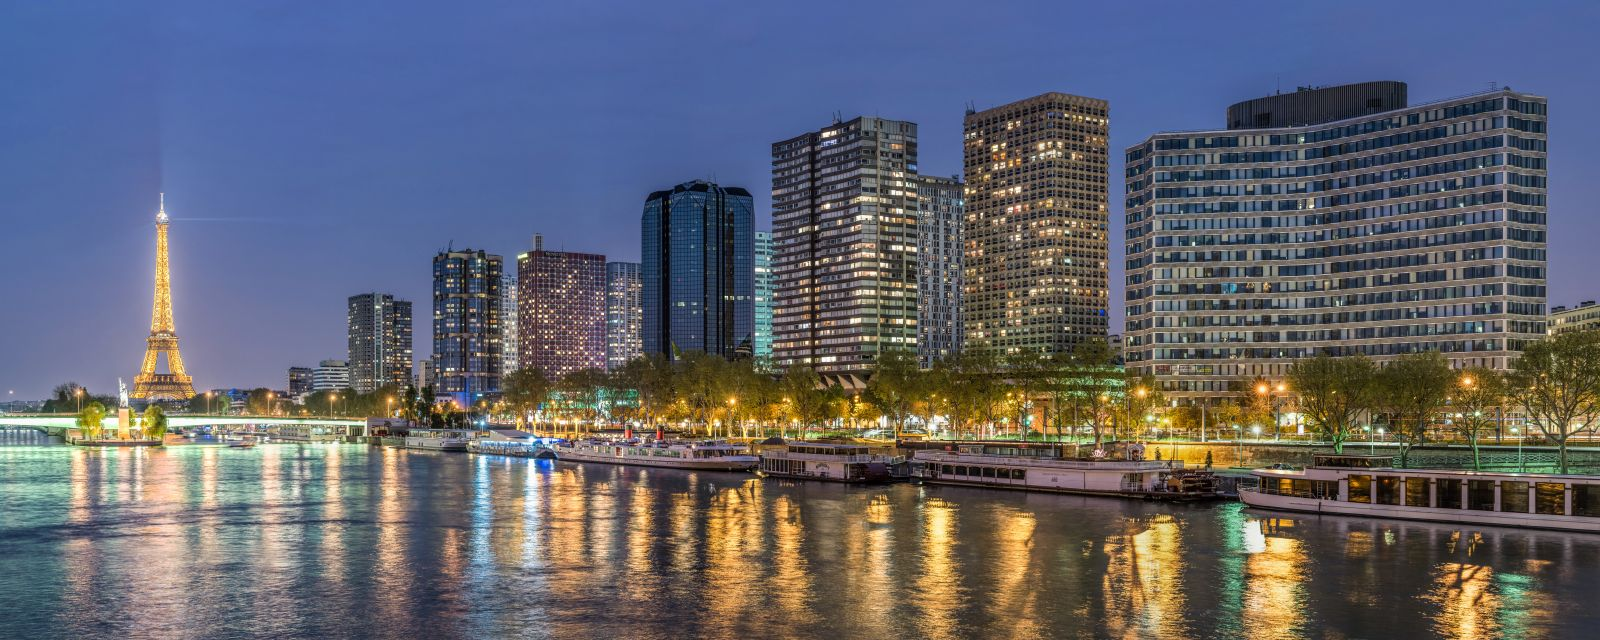 Различные варианты покупки недвижимости во Франции